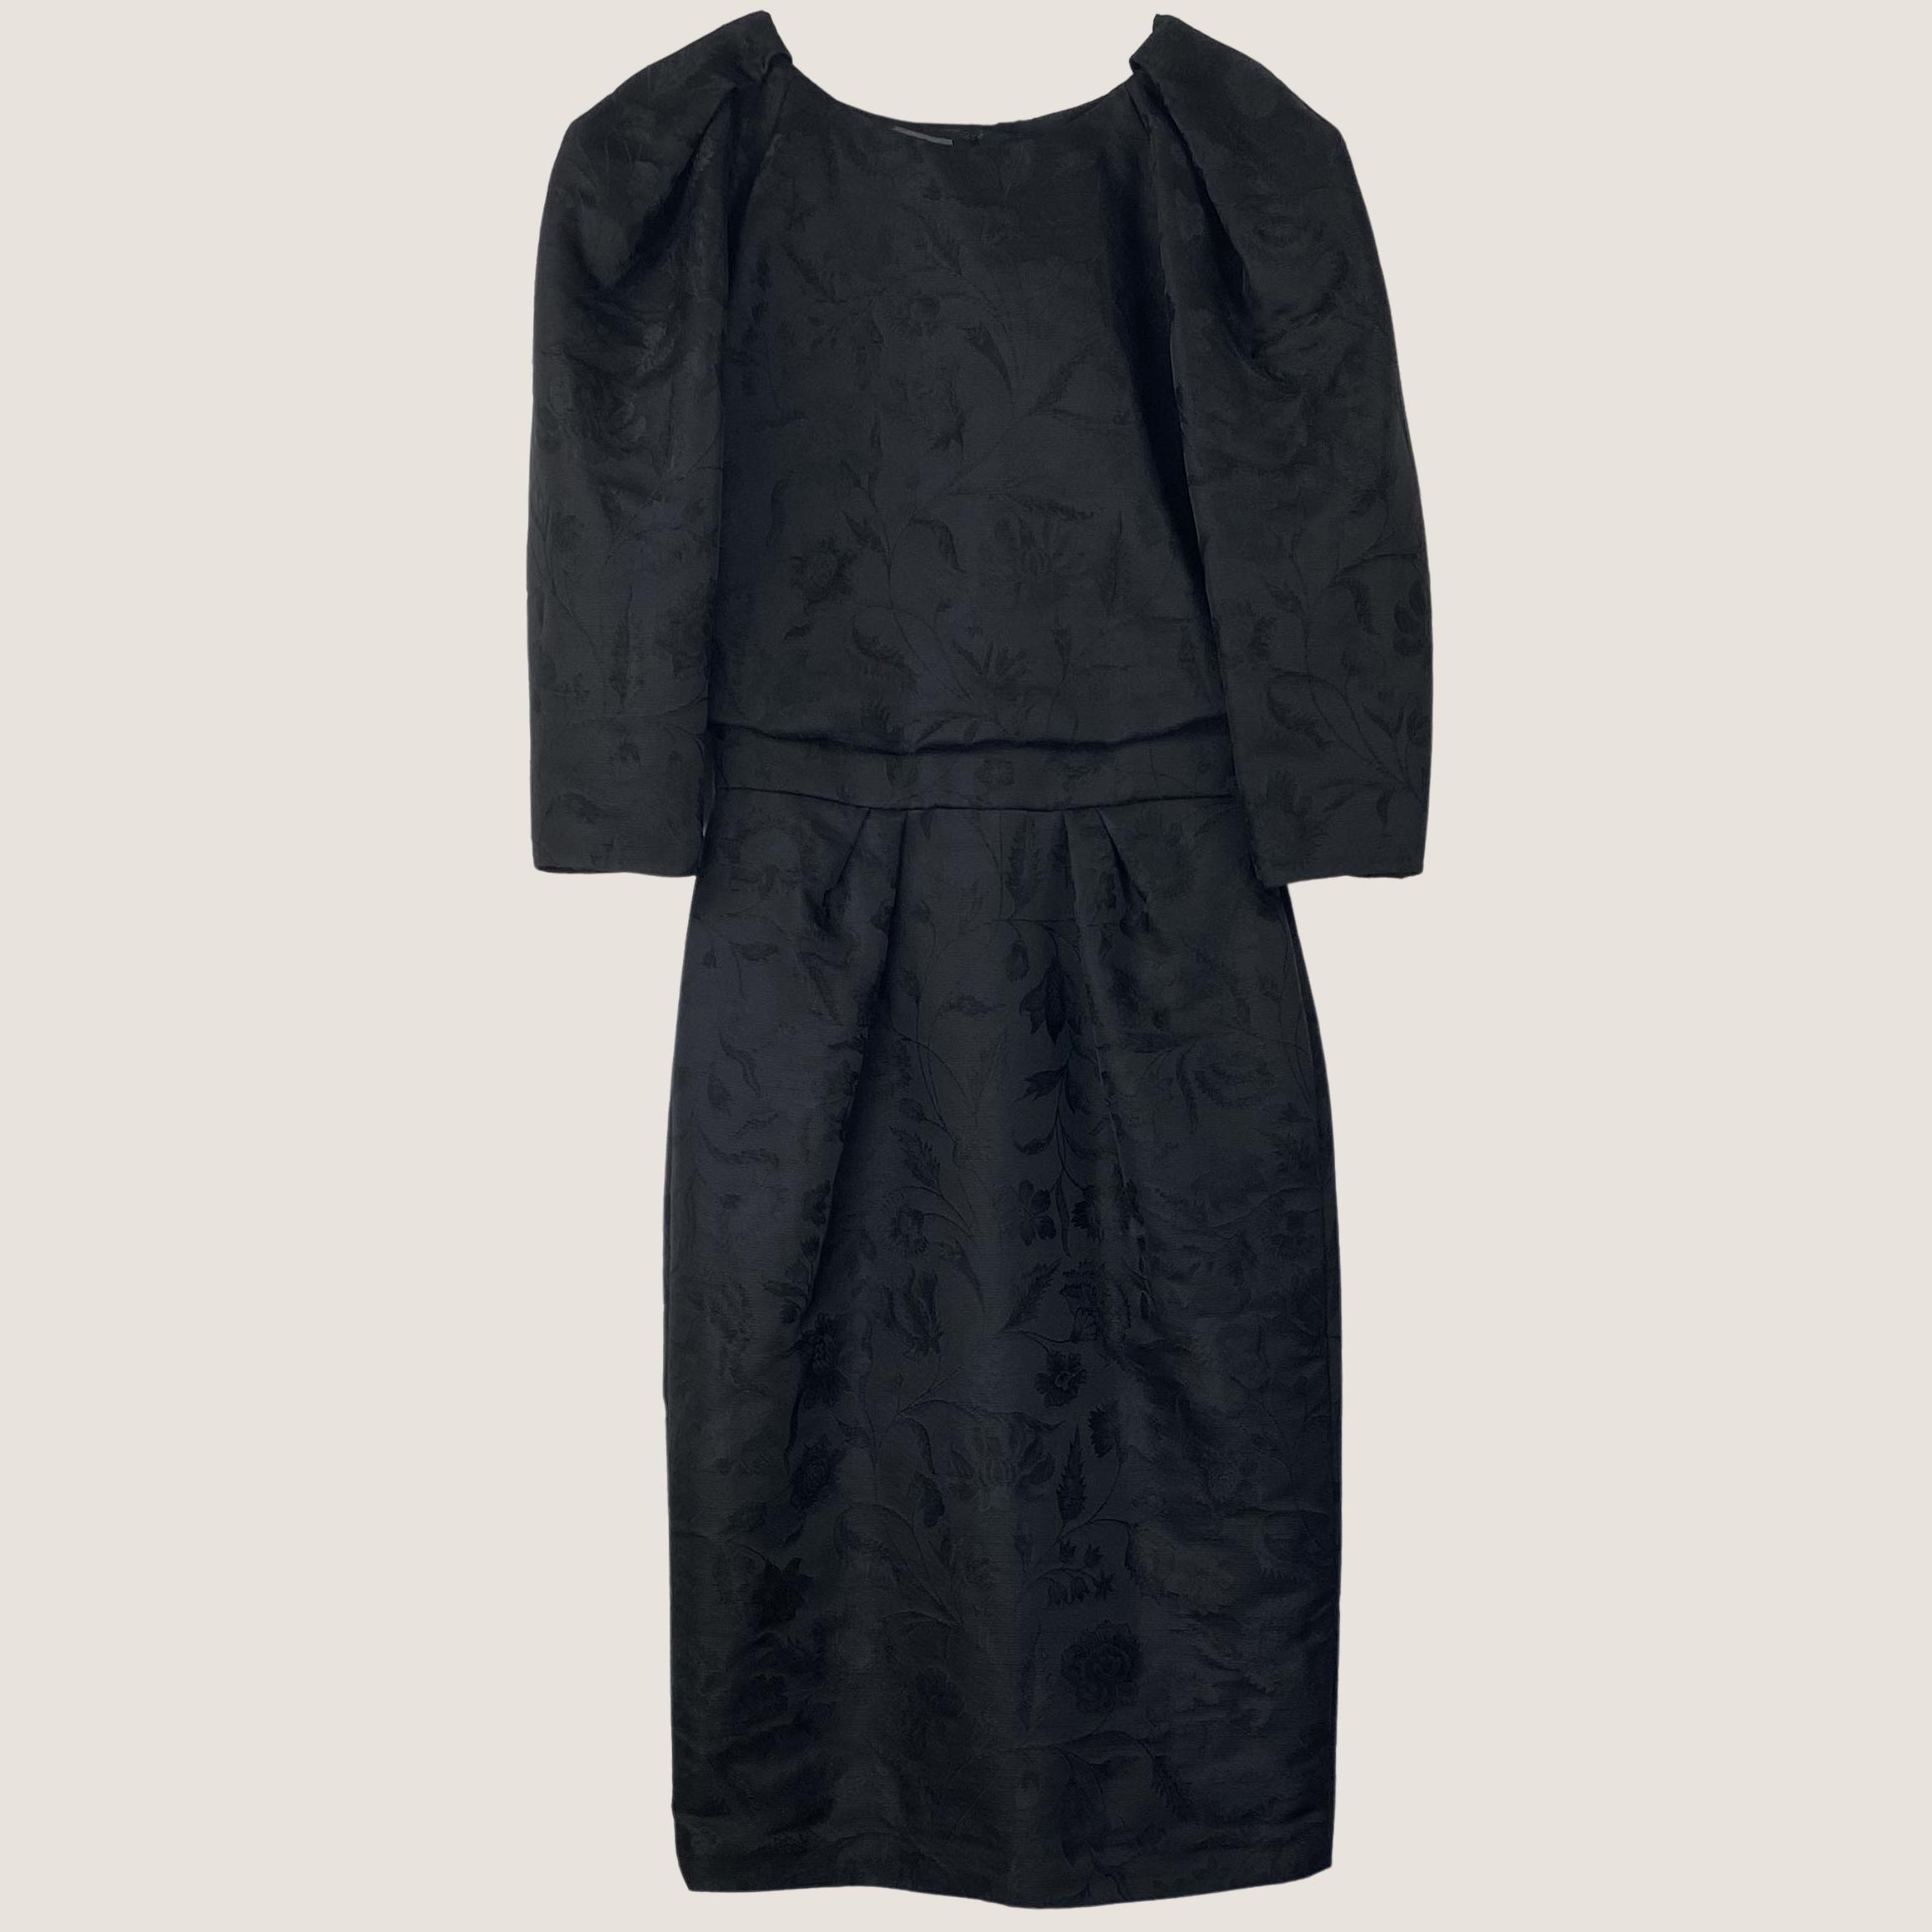 Alberta Ferretti - Dress